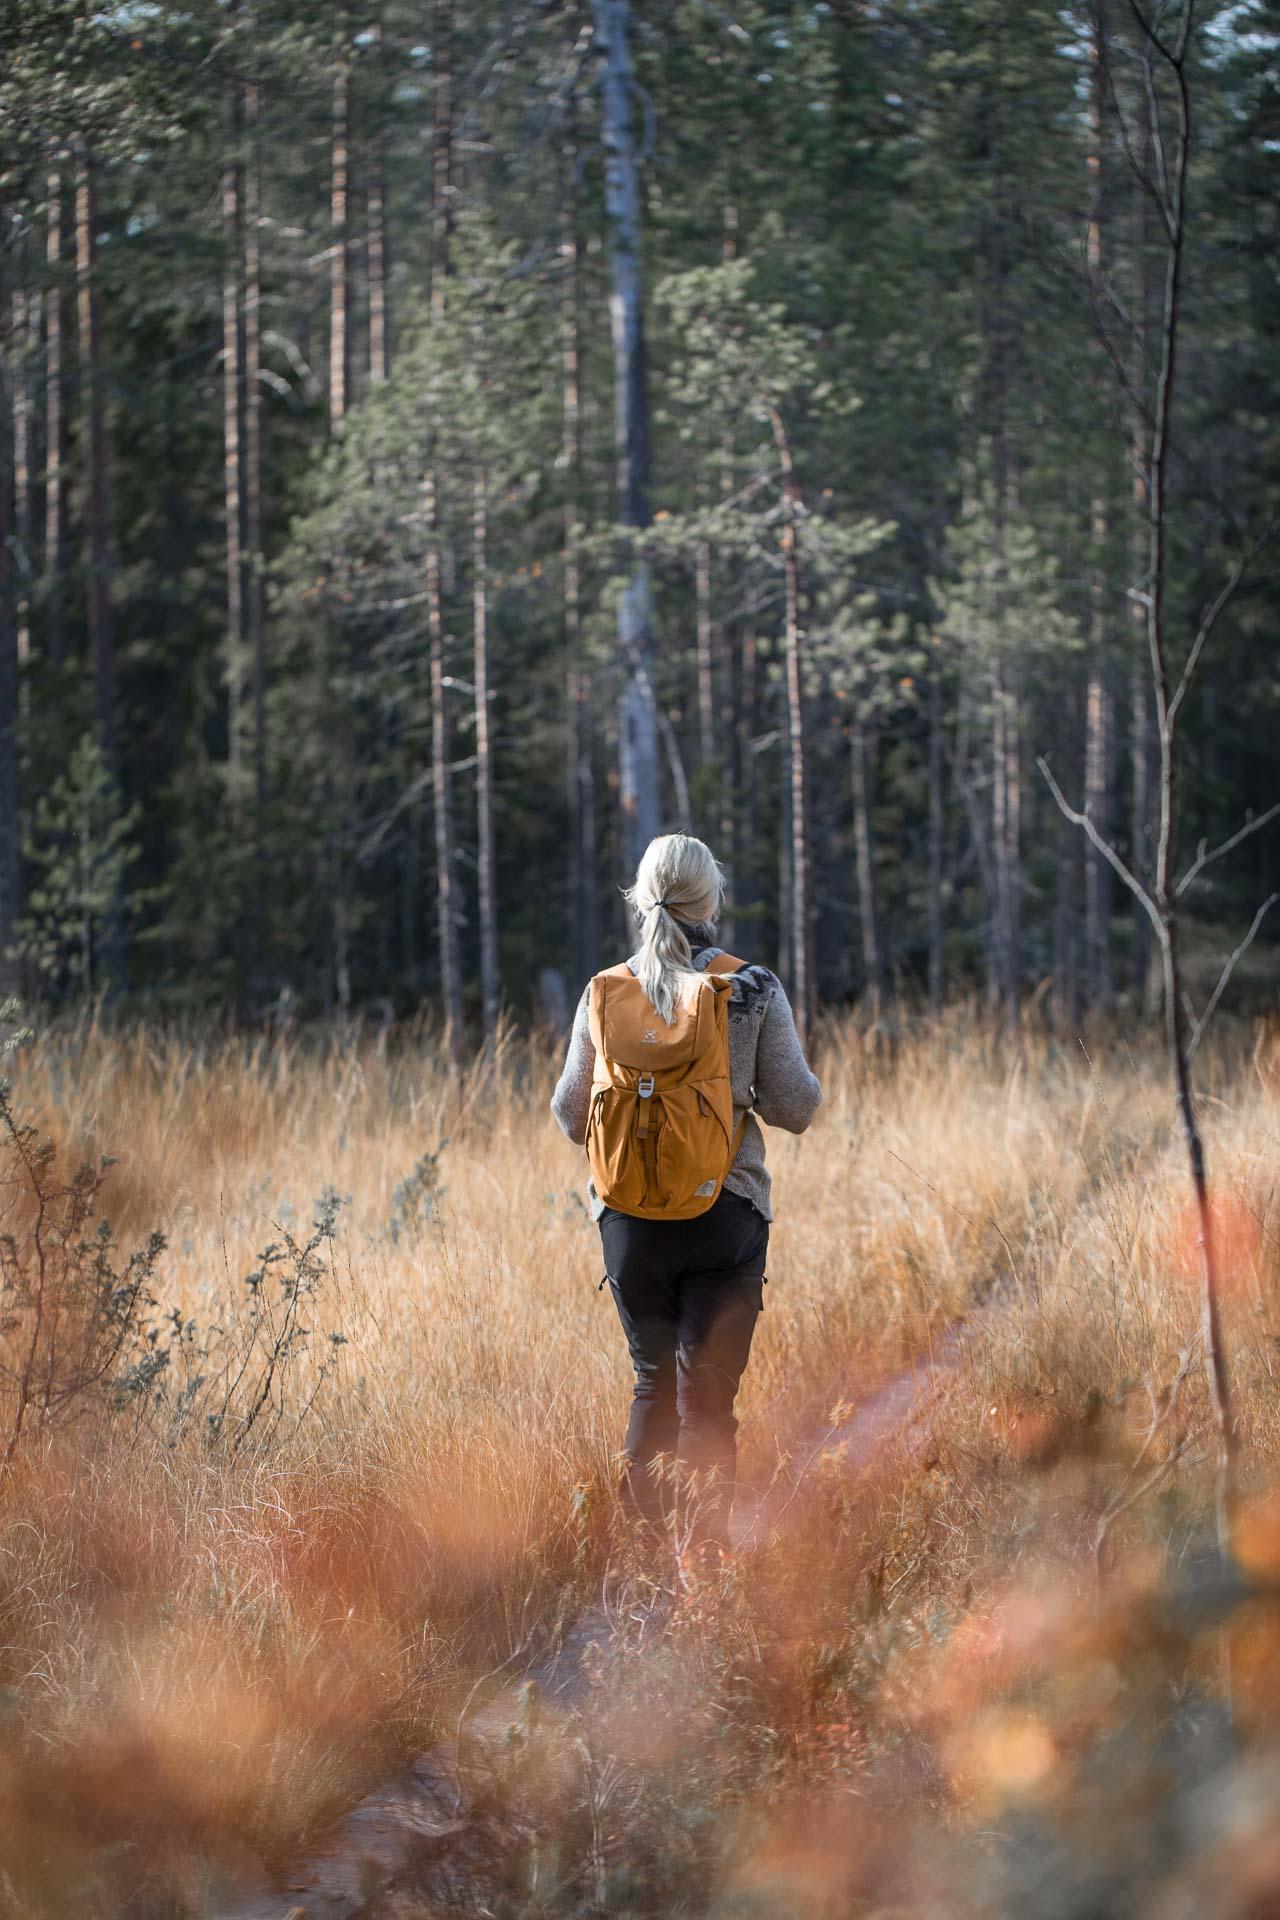 Hiidenportin_kansallispuisto